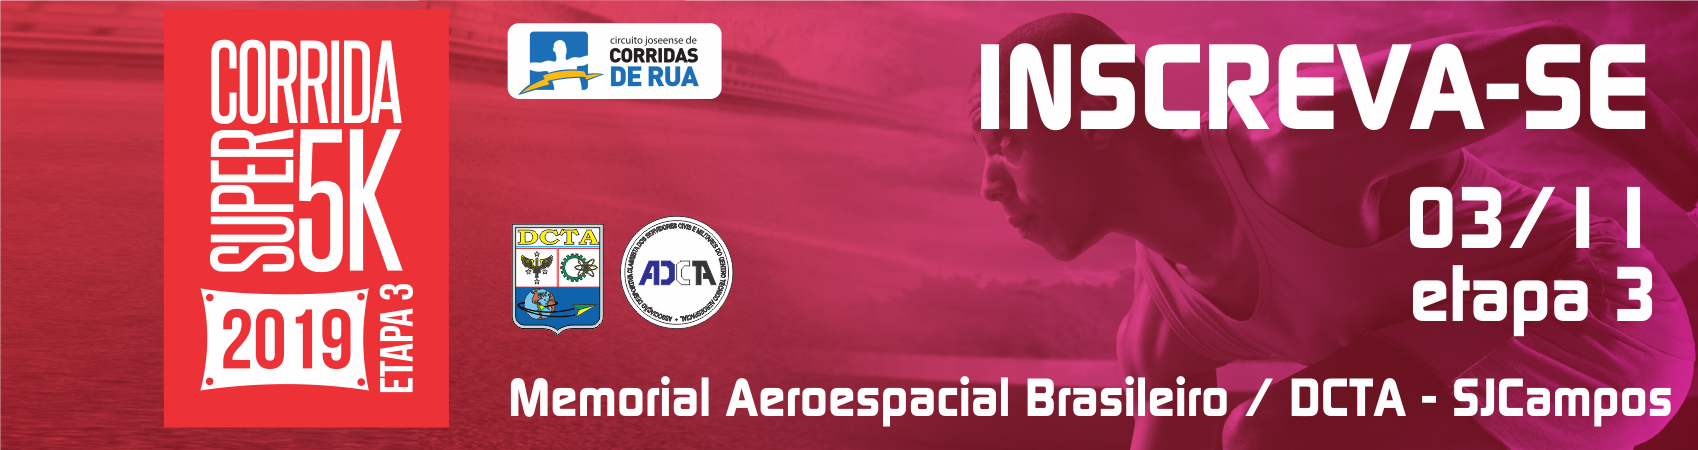 CORRIDA SUPER 5K 2019 - 3 ETAPA